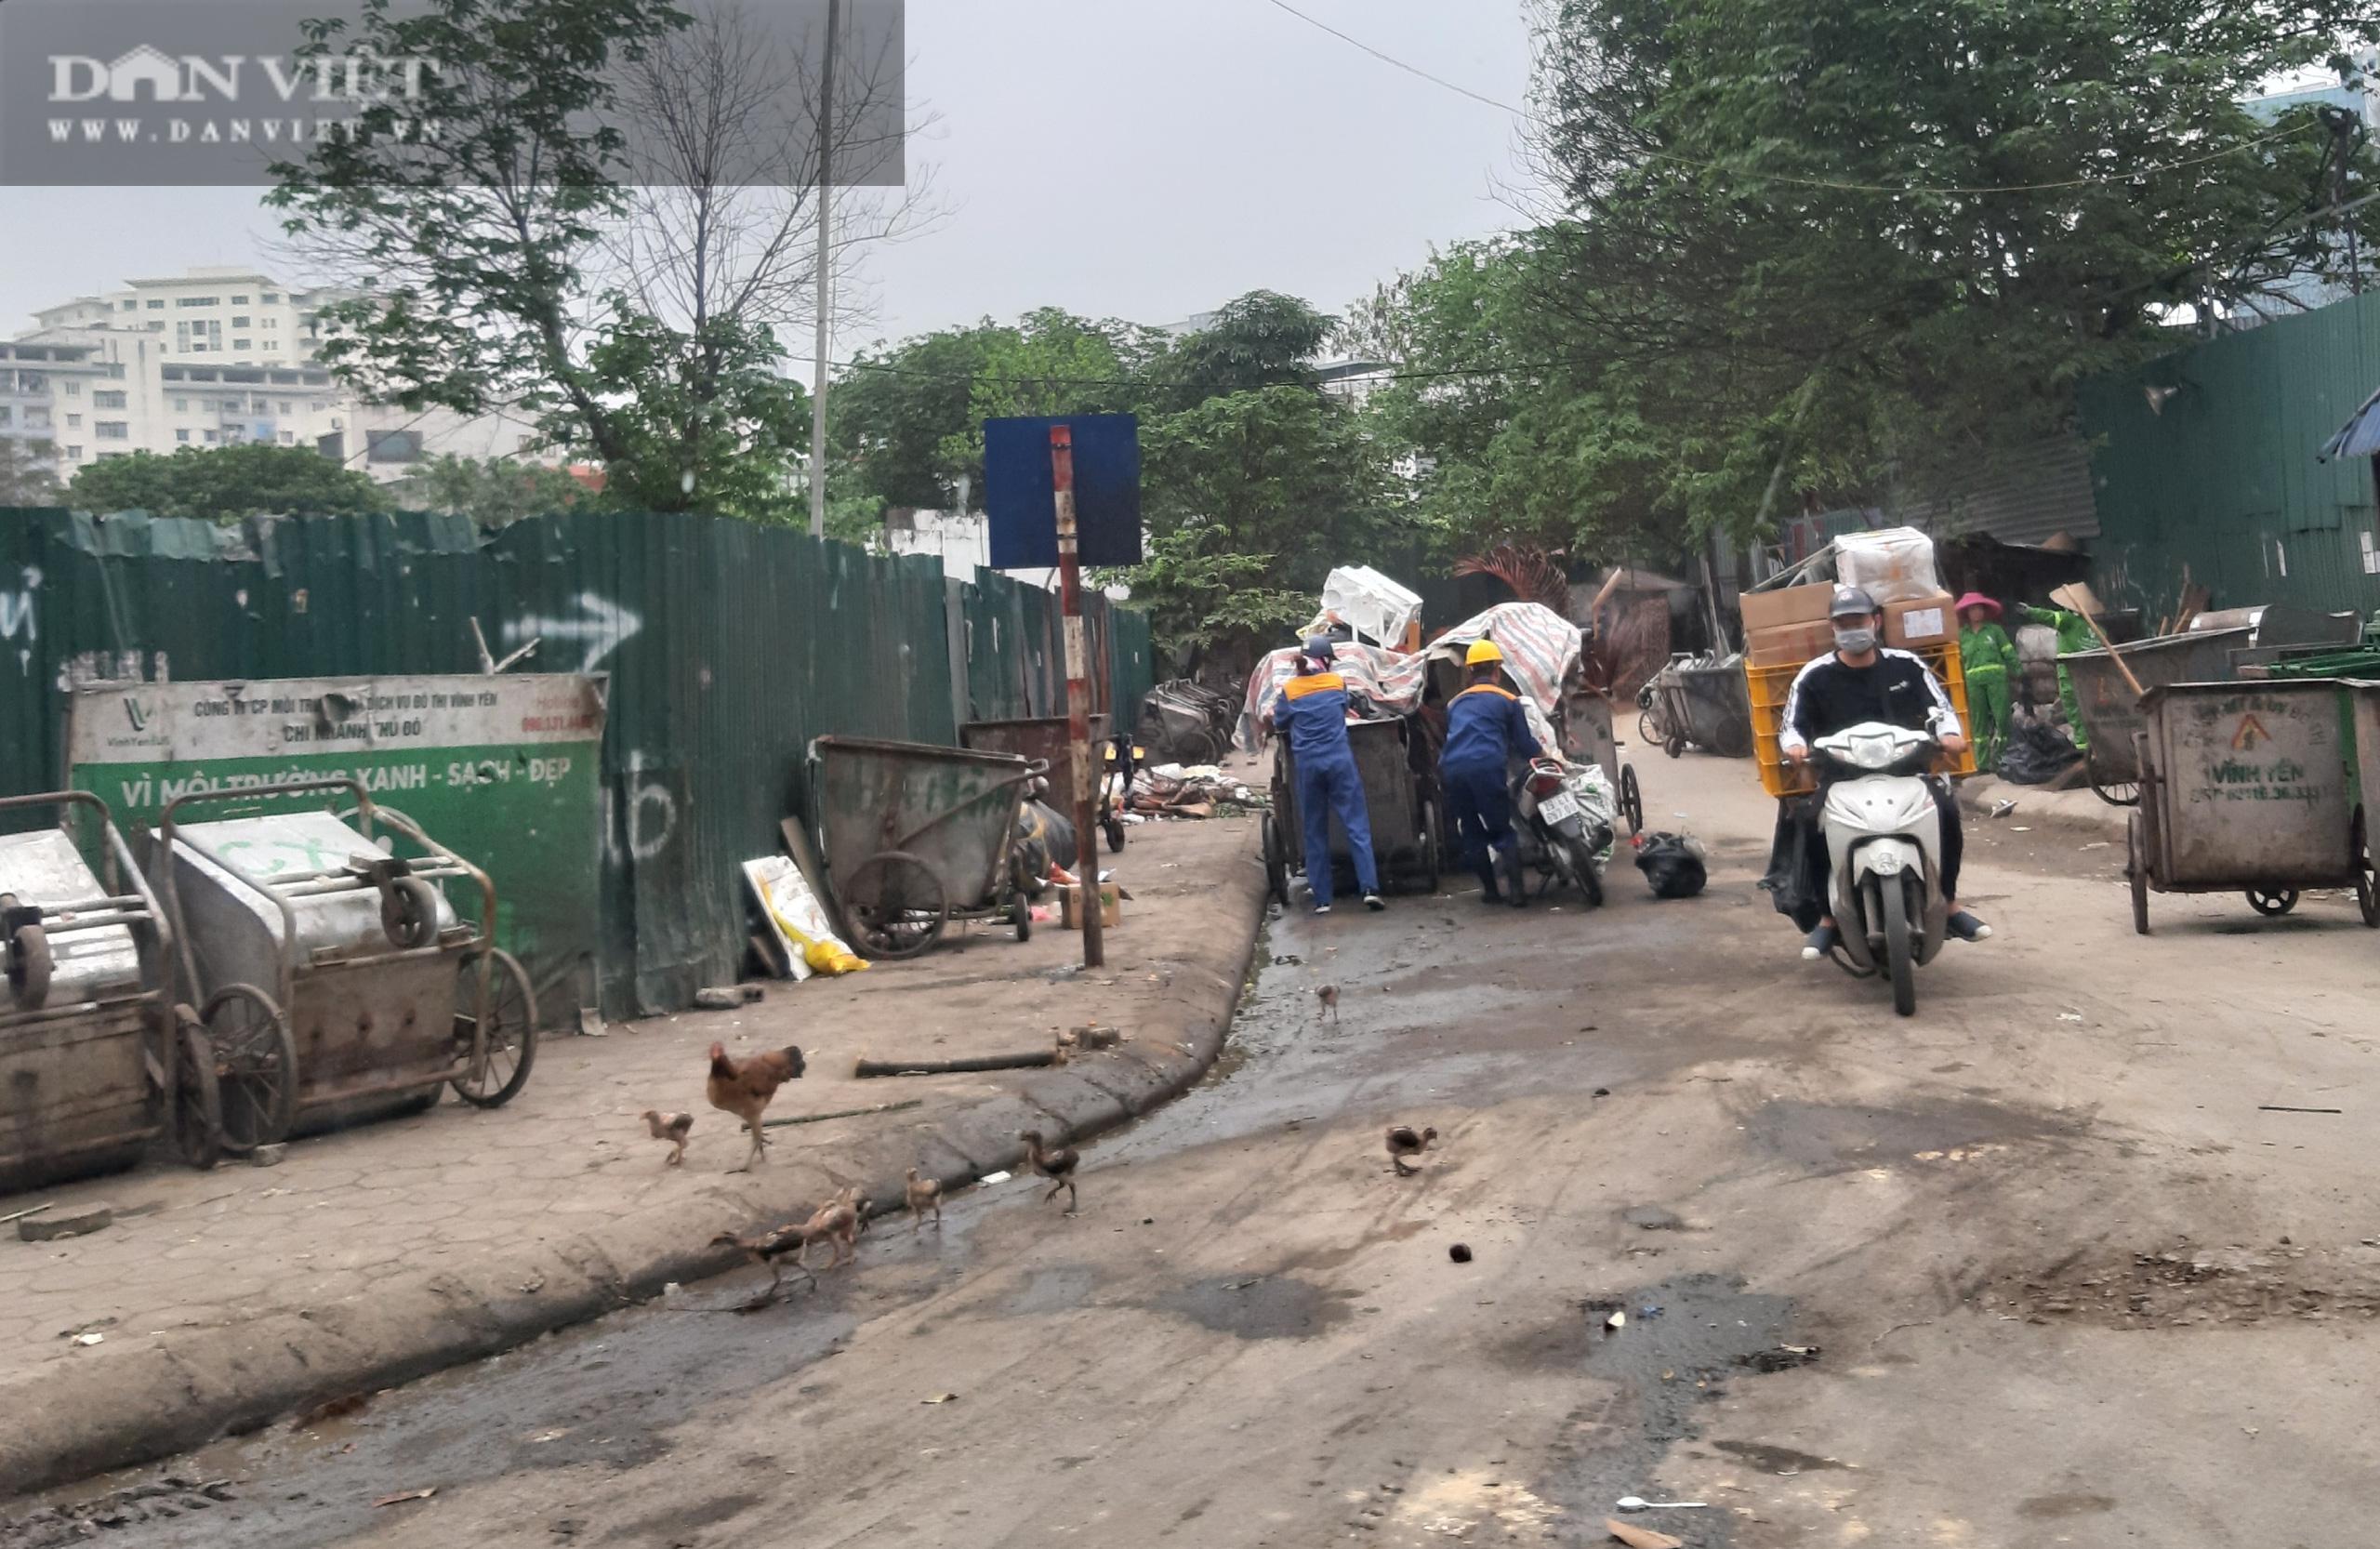 Bài 2: Tràn lan hình ảnh gây ô nhiễm của các công ty bảo vệ môi trường giữa thủ đô - Ảnh 1.